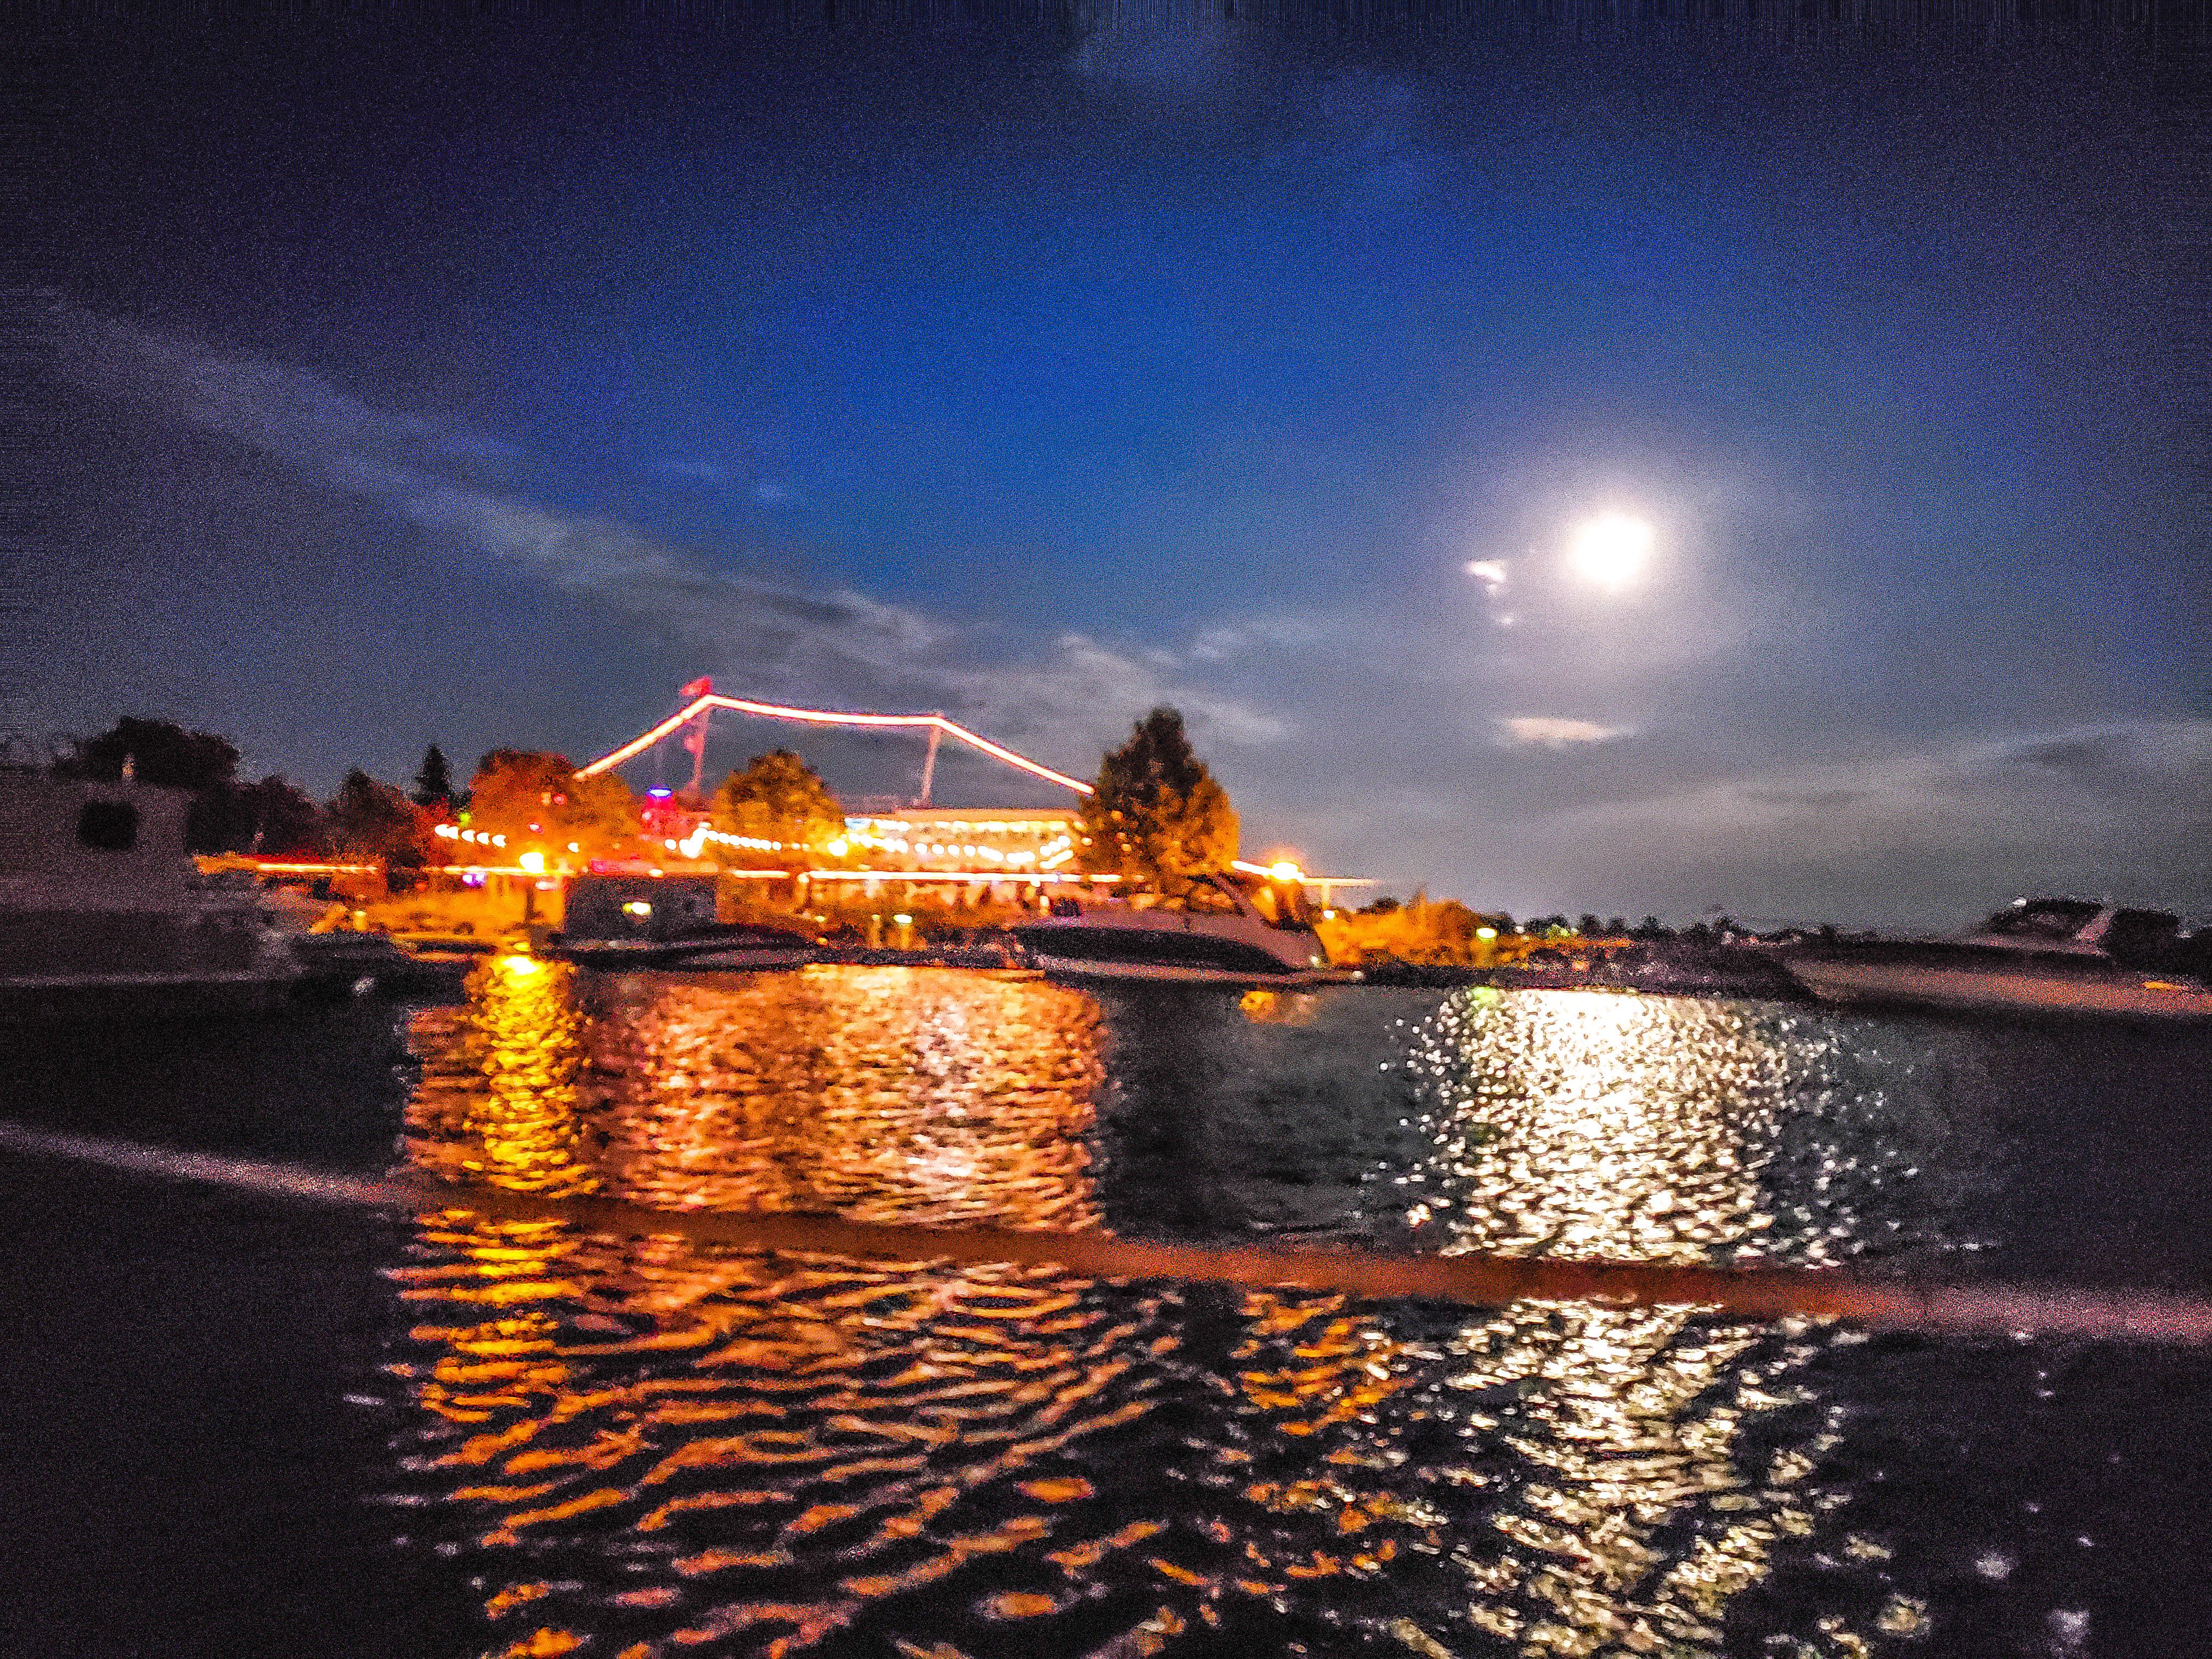 190712 marina at night